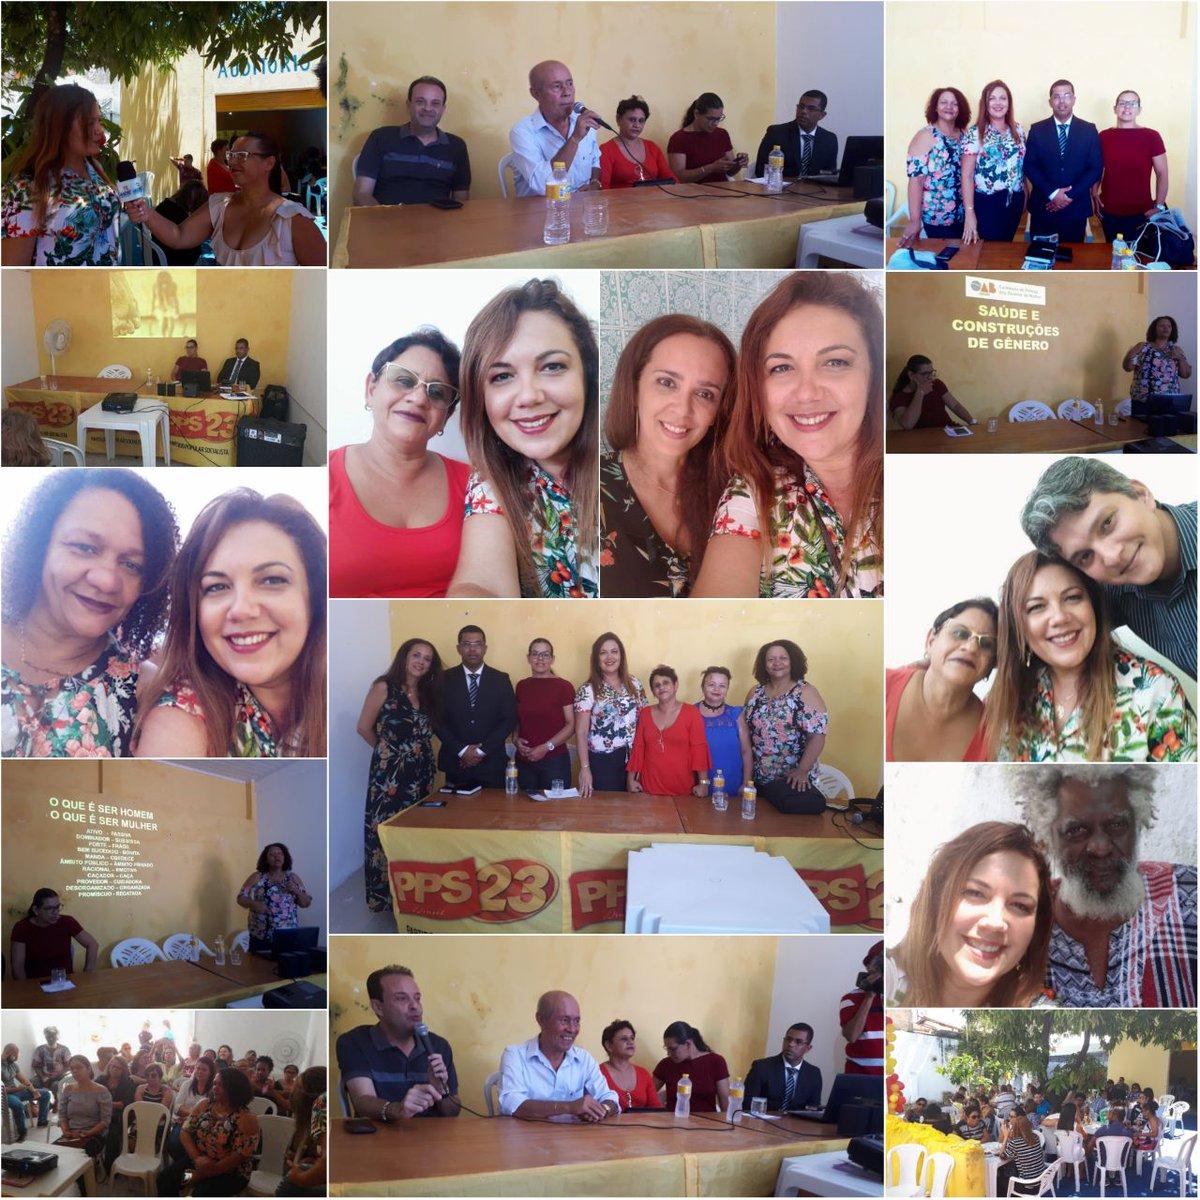 No dia de hoje (03/03/18 ) aconteceu o encontro estadual do PPS23 - Partido Popular Socialista Sergipe, Momento importante de discussão de politicas pública, da participação das mu